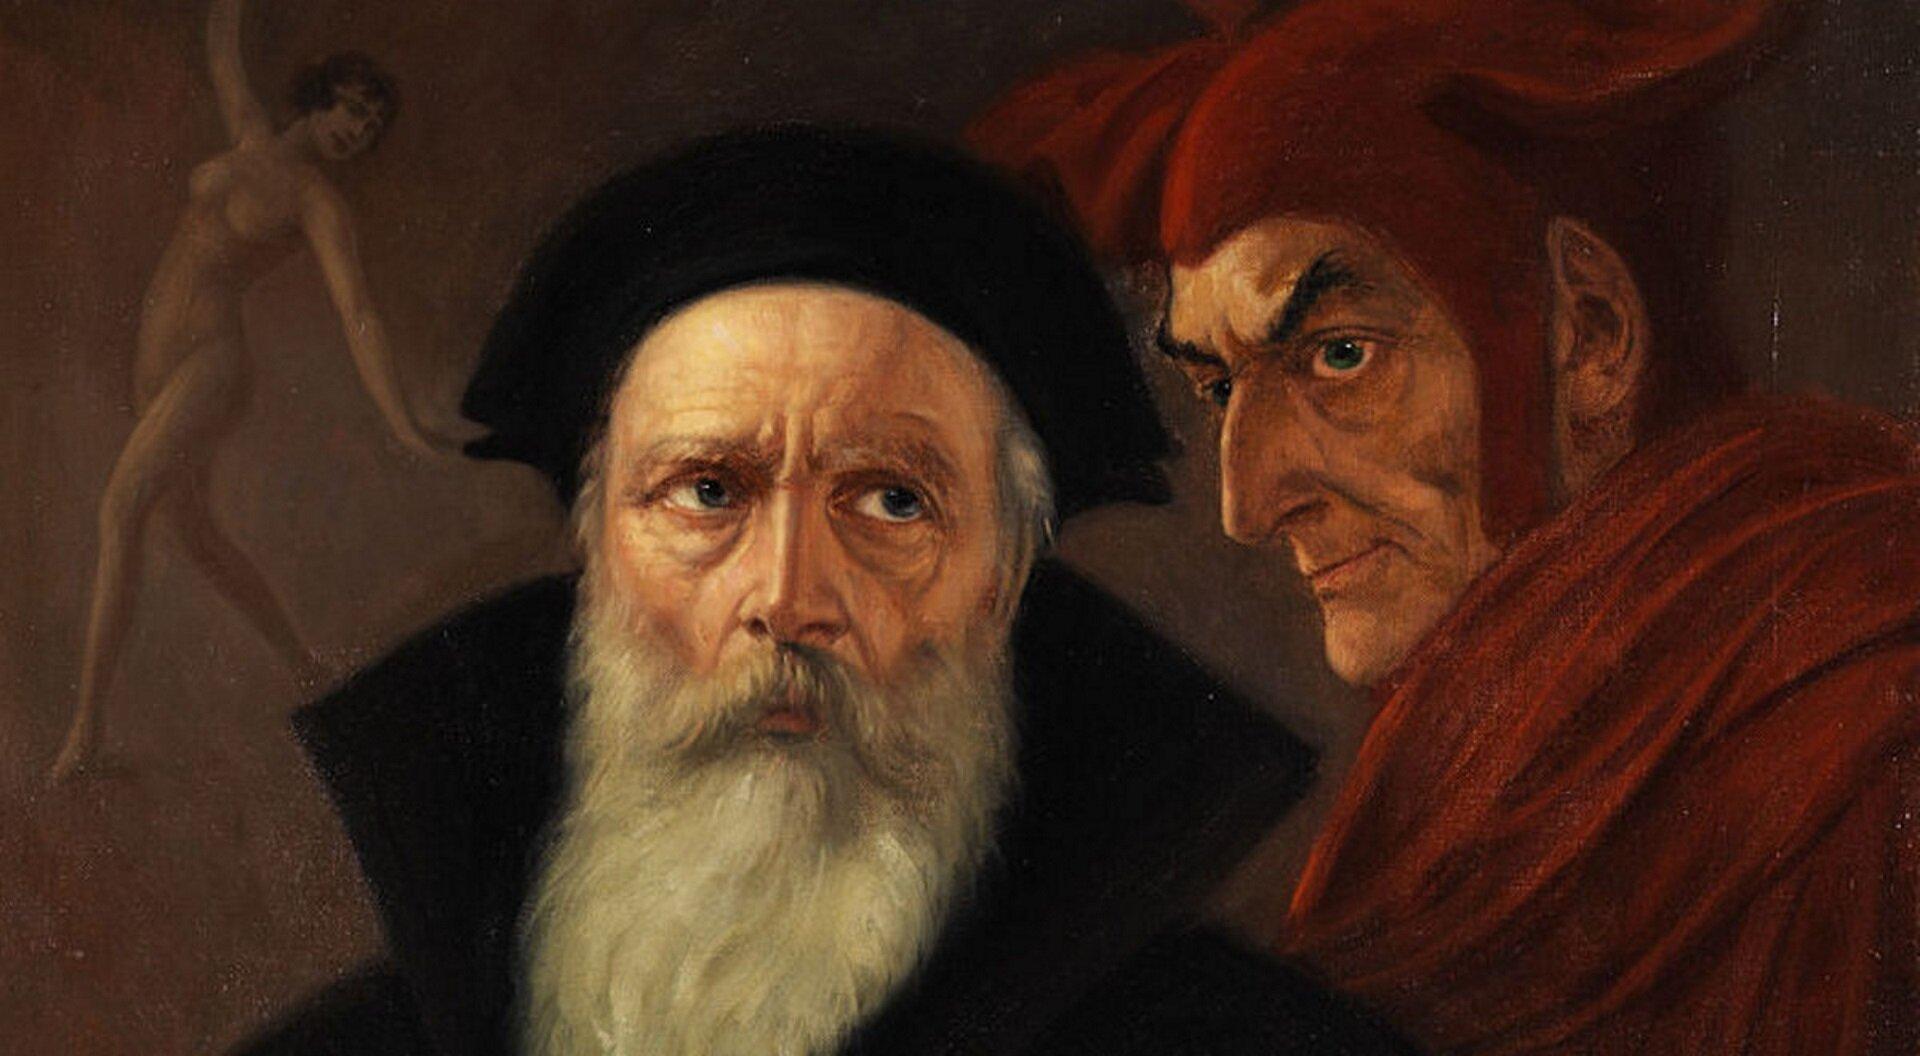 """Ilustracja przedstawia obraz Antona Kaulbacha """"Faust iMefisto"""". Na obrazie widzimy dwóch mężczyzn - Fausta iMefisto. Faust to starszy mężczyzna zdługą, siwą brodą. Ubrany wczarną czapkę oraz płaszcz. Mesfisto to młodszy mężczyzna. Ubrany wczerwone szaty oraz czerwoną czapkę zrogami. Na drugim planie tańczy naga kobieta, ręce uniesione ma ku górze."""